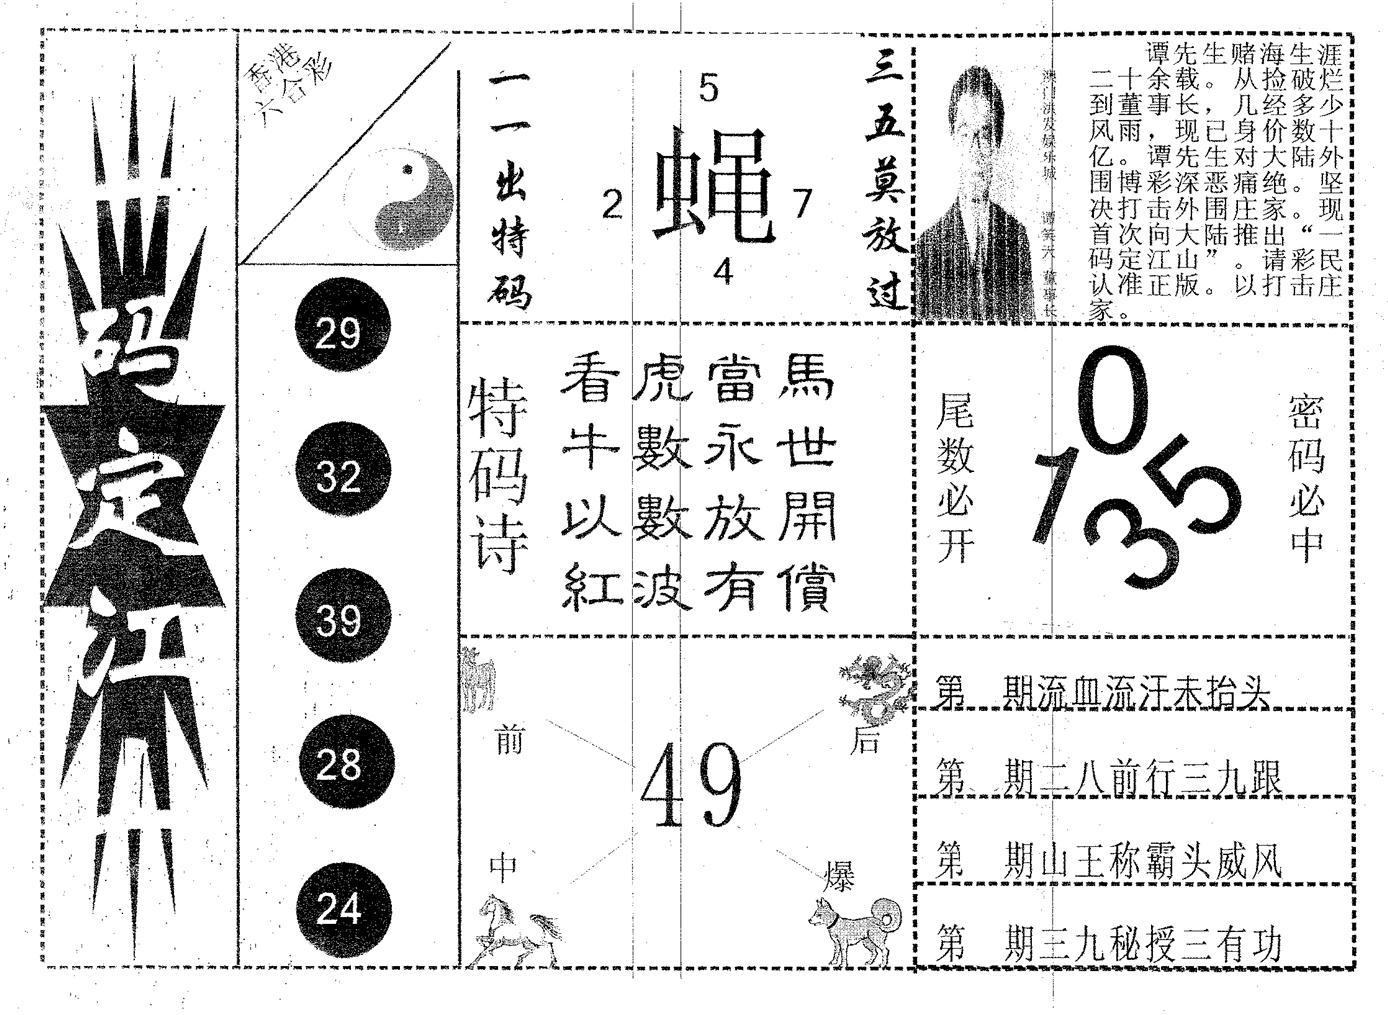 069期一码定江山(黑白)